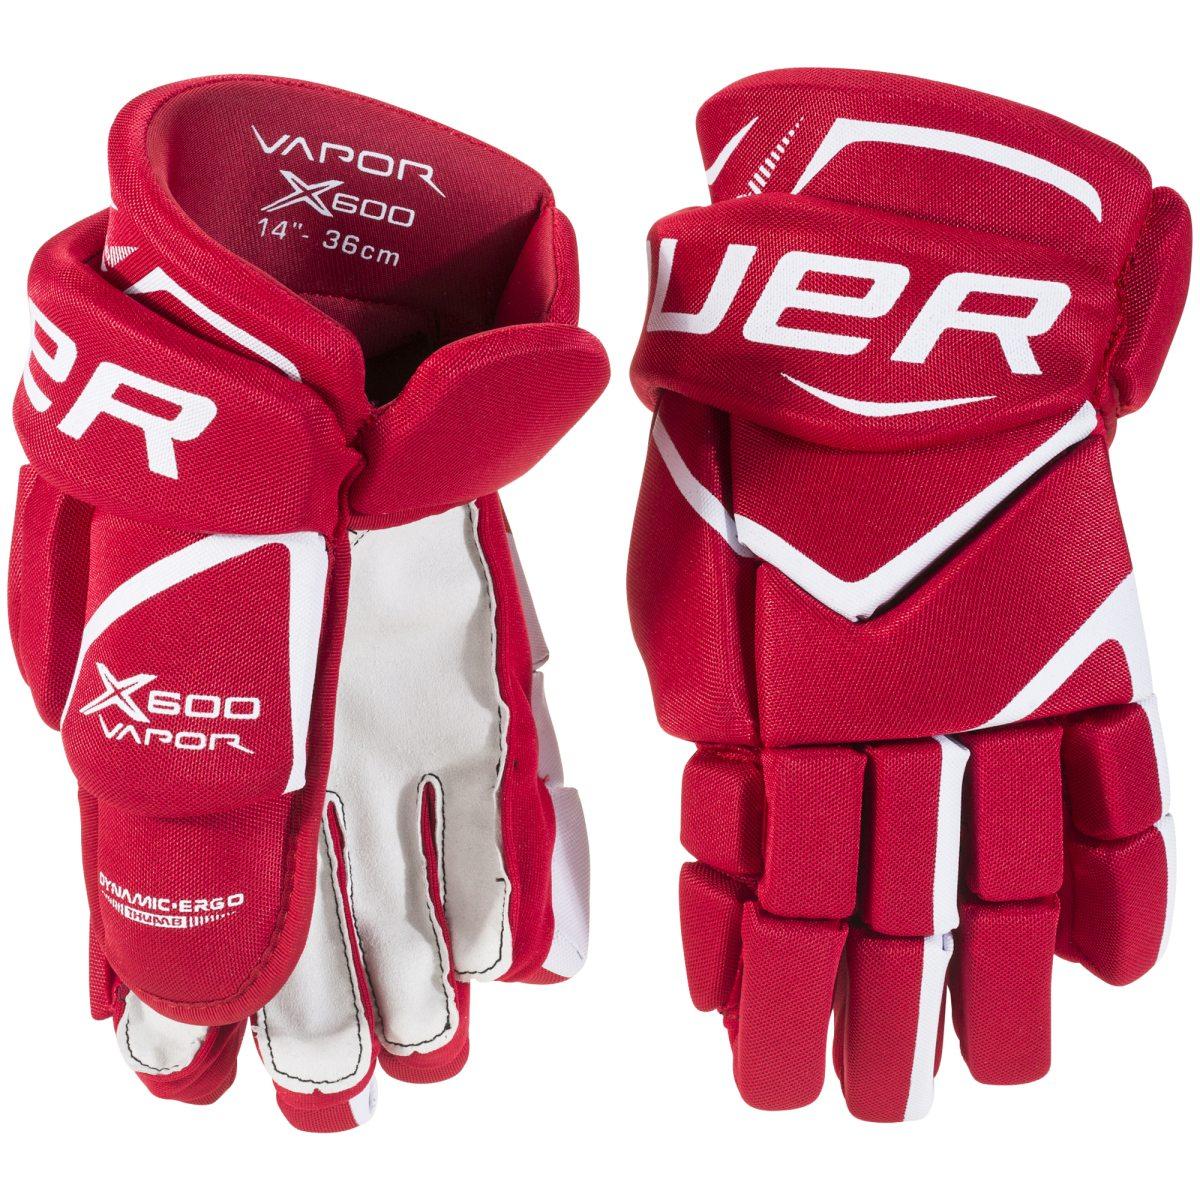 finest selection 32fbf db784 röd bauer vapor x600 glove sr euro red hockeyhandskar